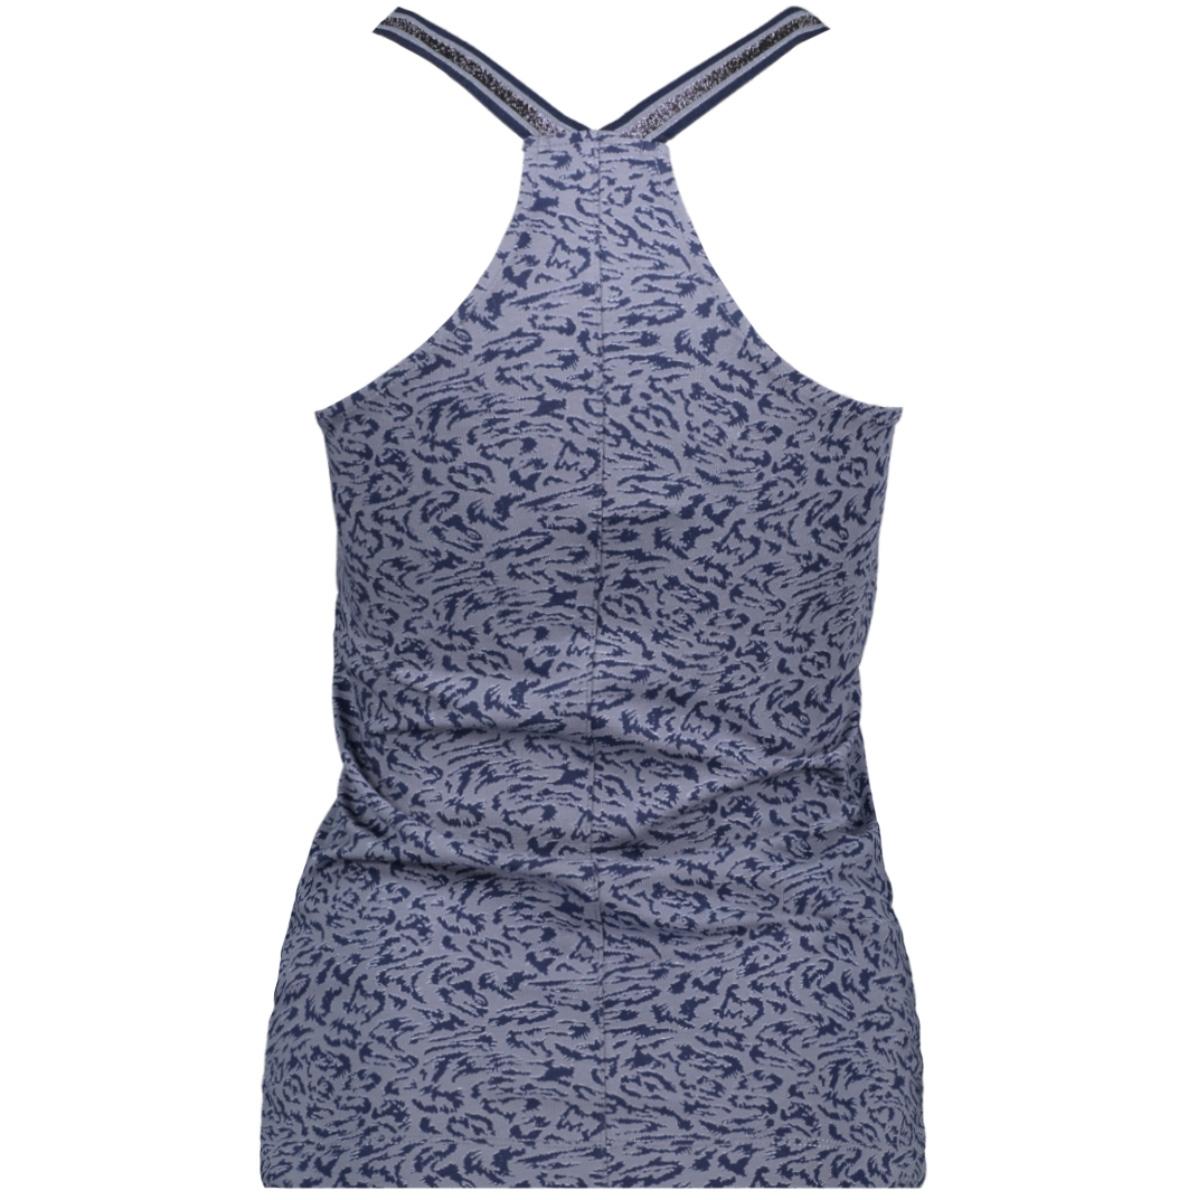 t shirt sleeveless 21101801 sandwich top 41027 blue grey